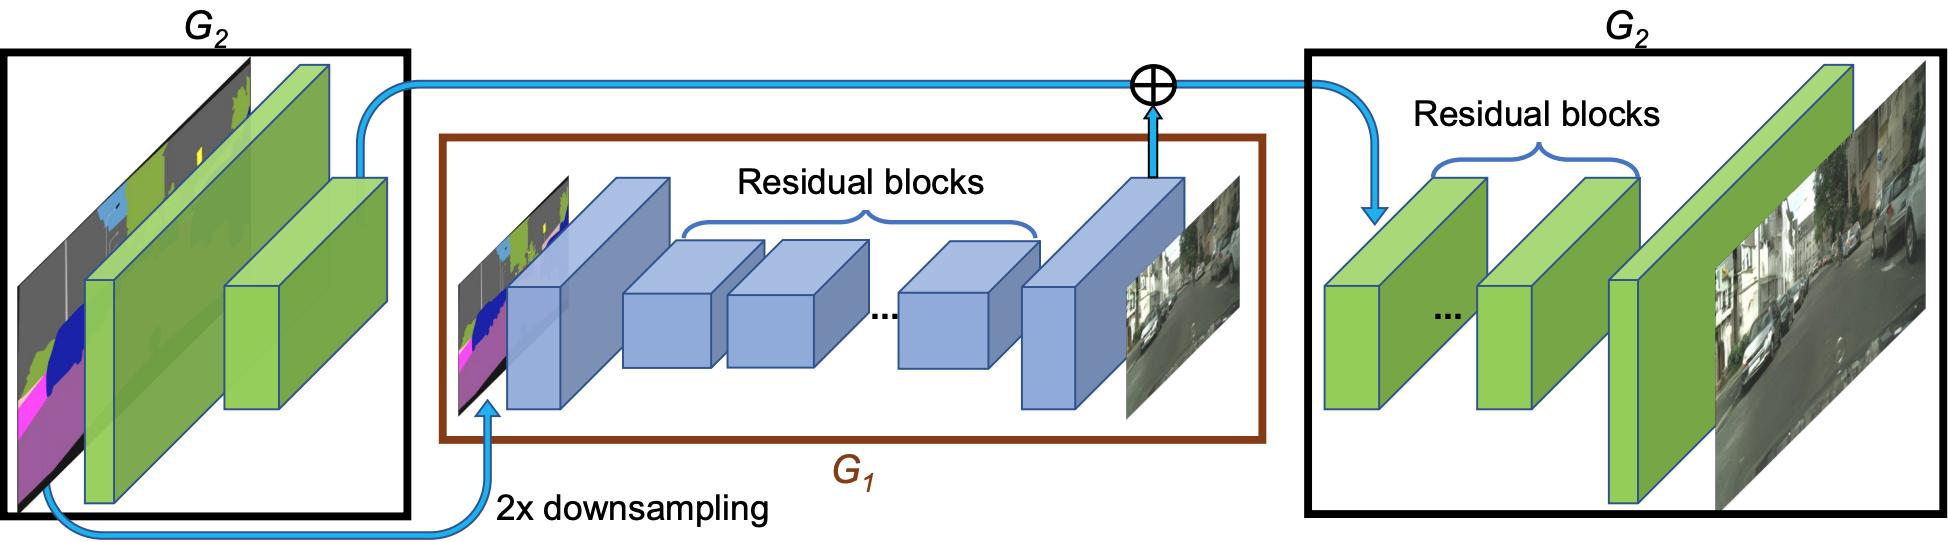 Фотографии из грубых набросков: как именно работает нейросеть NVIDIA GauGAN - 31